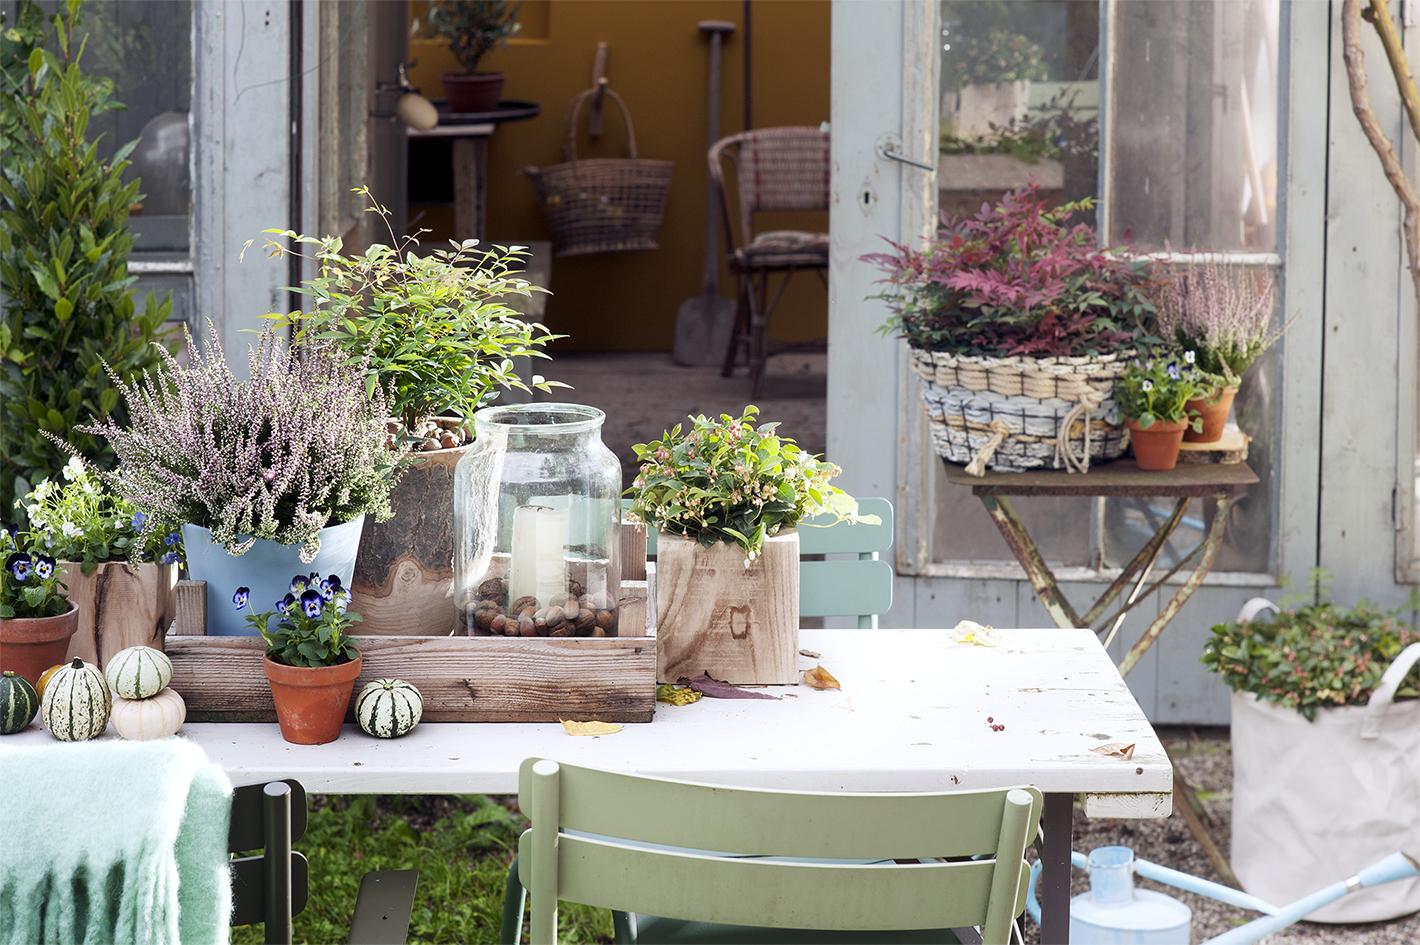 Herfstfeestje op je tuintafel terras mooi wat planten doen for Herfst decoratie